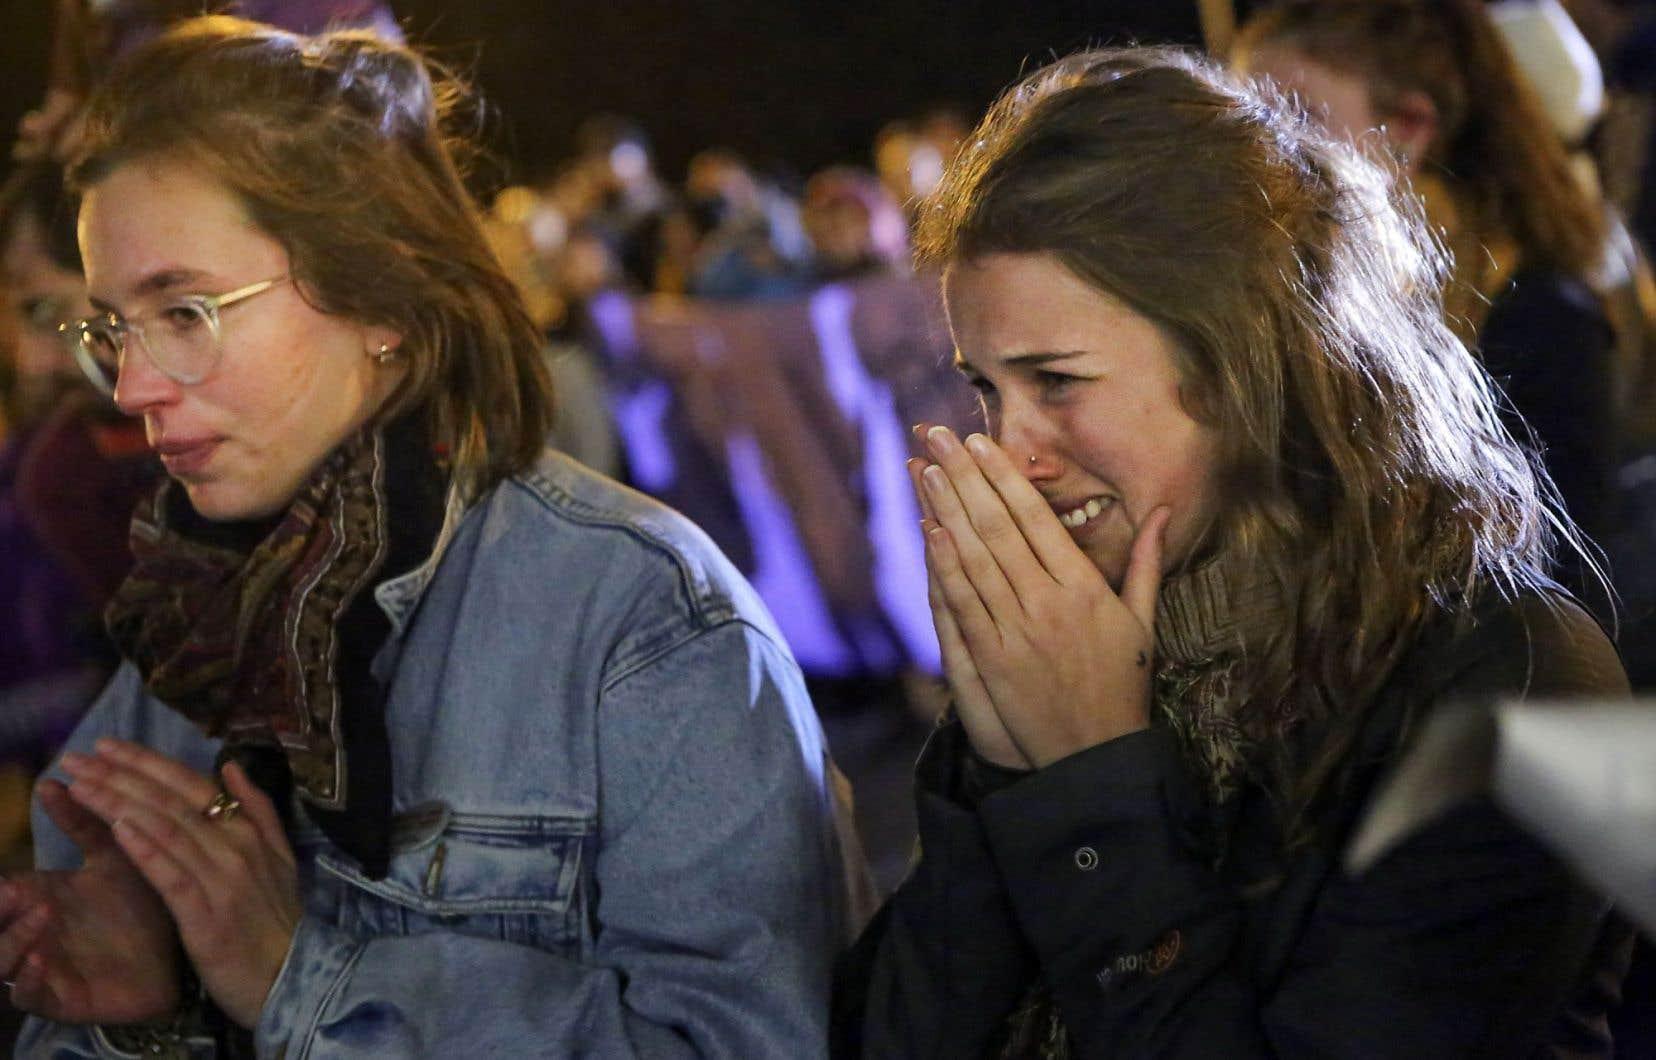 Mercredi, à l'Université Laval, un rassemblement s'est tenu en soutien aux victimes de la vague d'agressions survenue dans la nuit de samedi à dimanche.